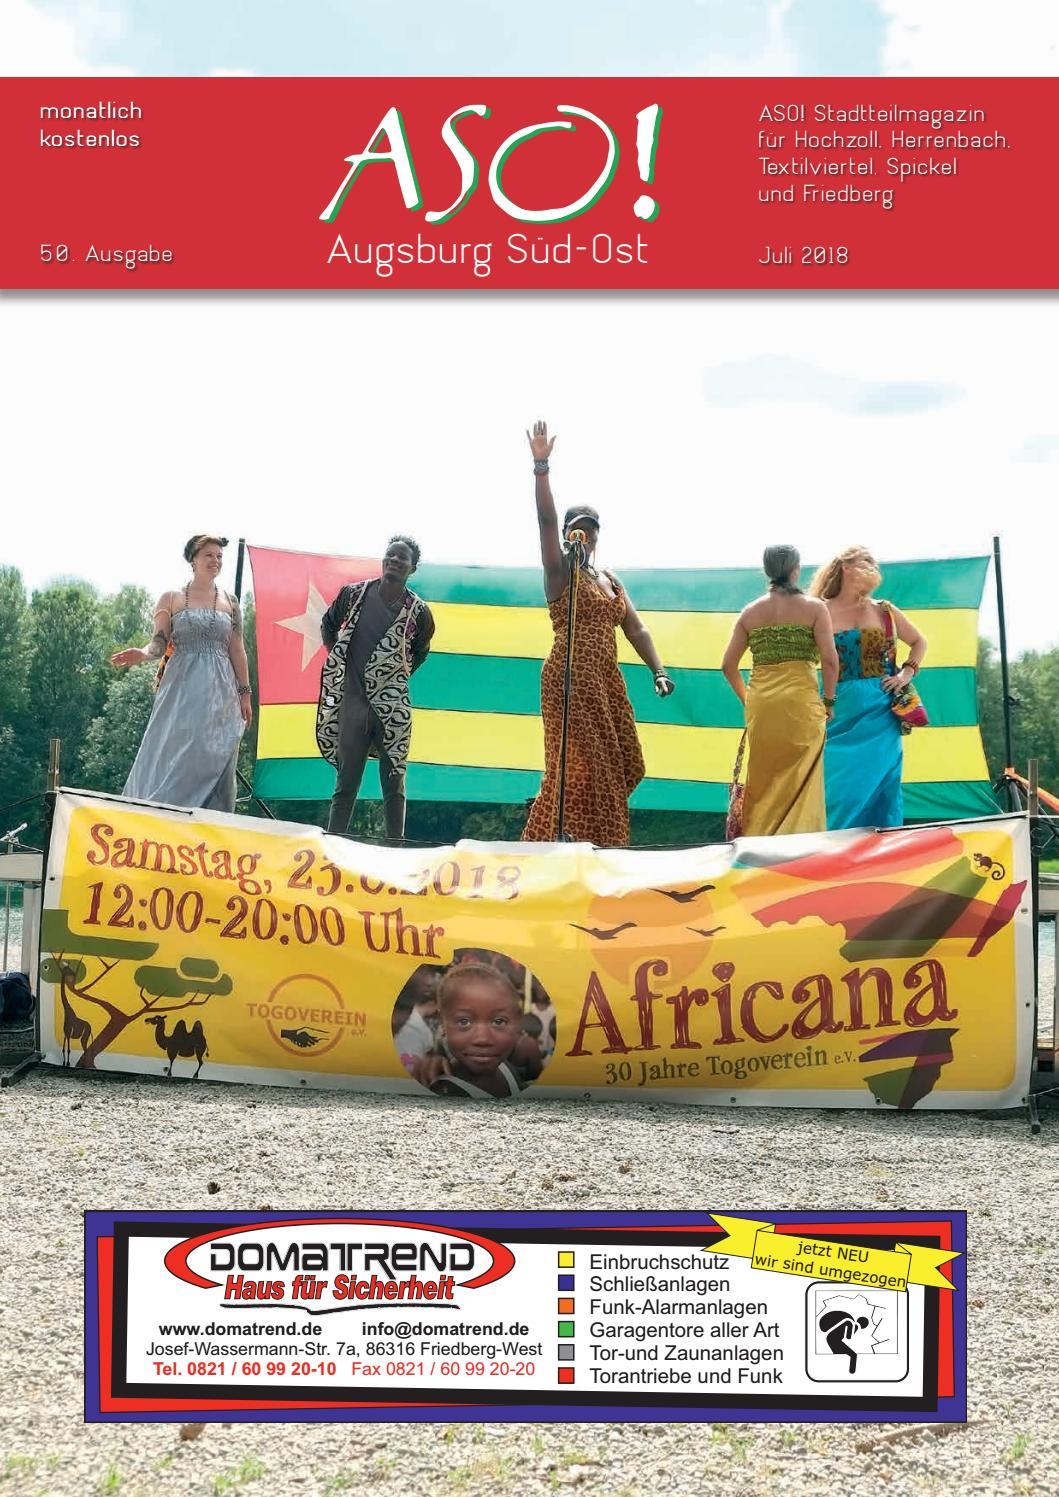 ASO! Augsburg Süd-Ost - Juli 2018 by Bernhard Steiert - issuu